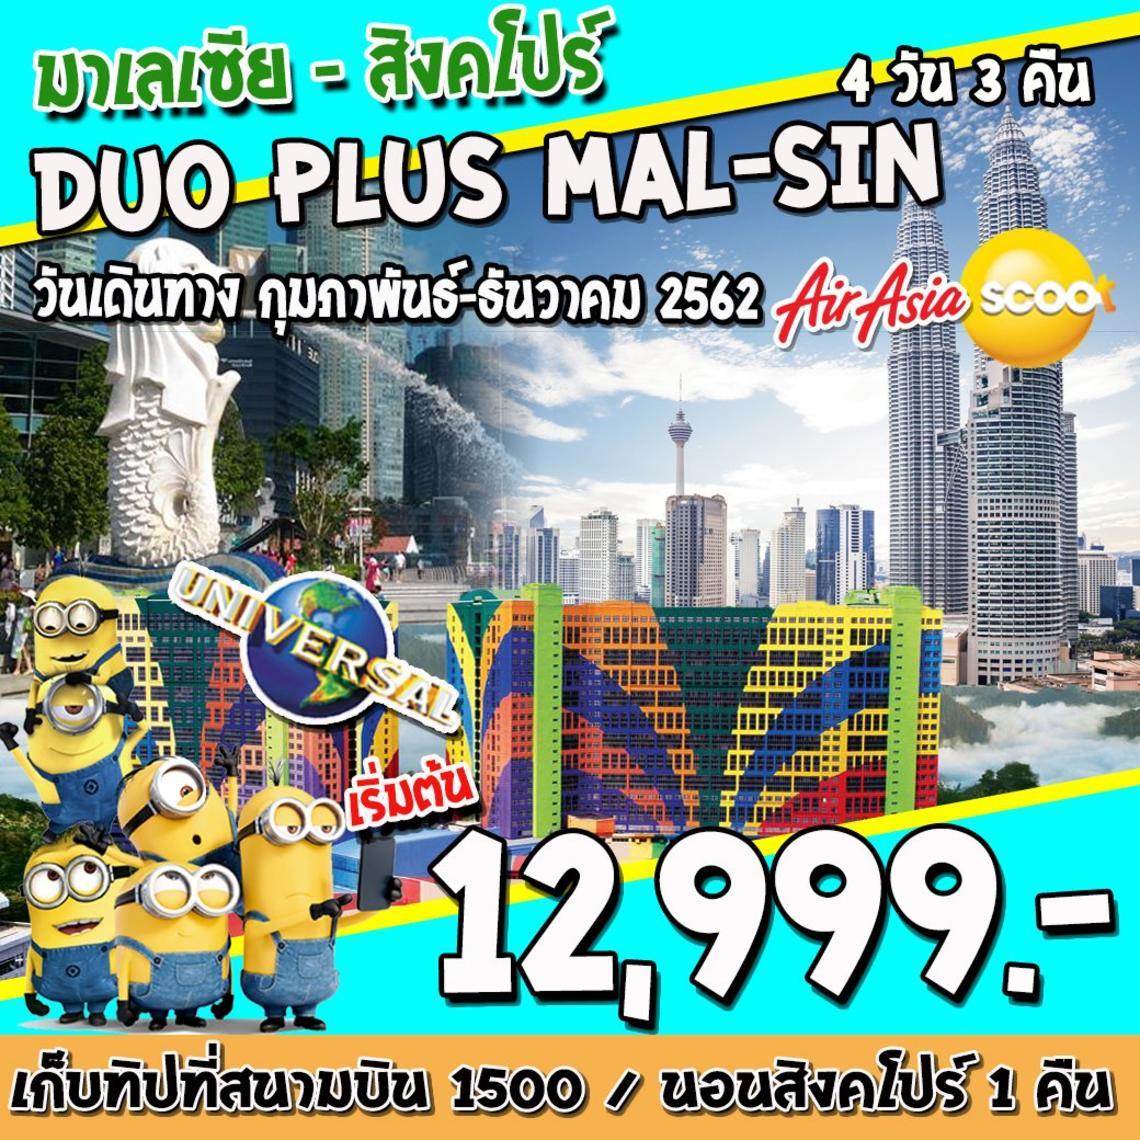 ทัวร์มาเลเซีย สิงคโปร์ Duo Plus MAL-SIN 4 วัน 3 คืน (AK+TR)